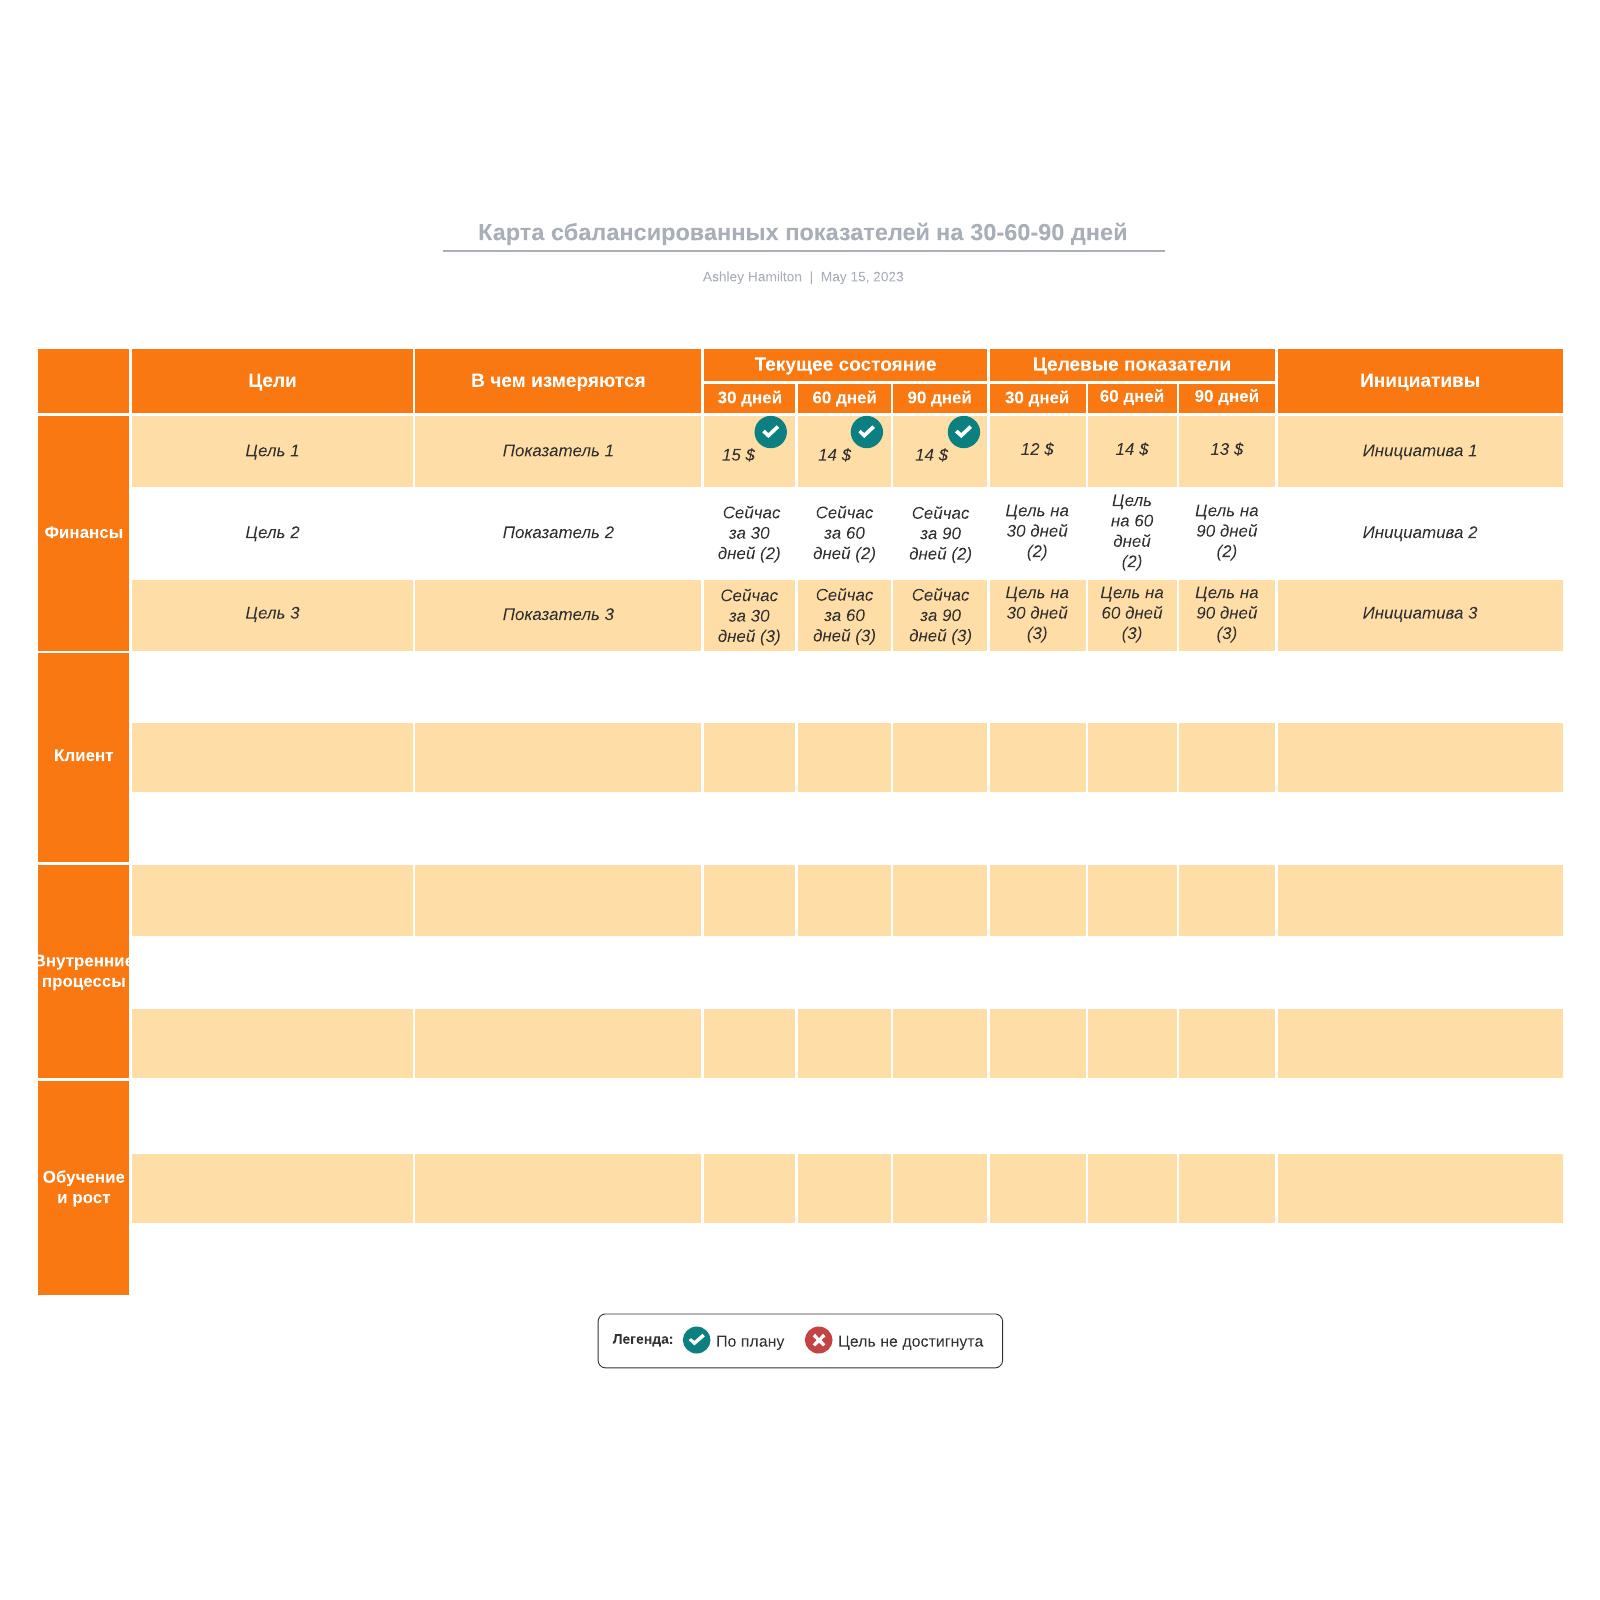 Карта сбалансированных показателей на 30-60-90 дней